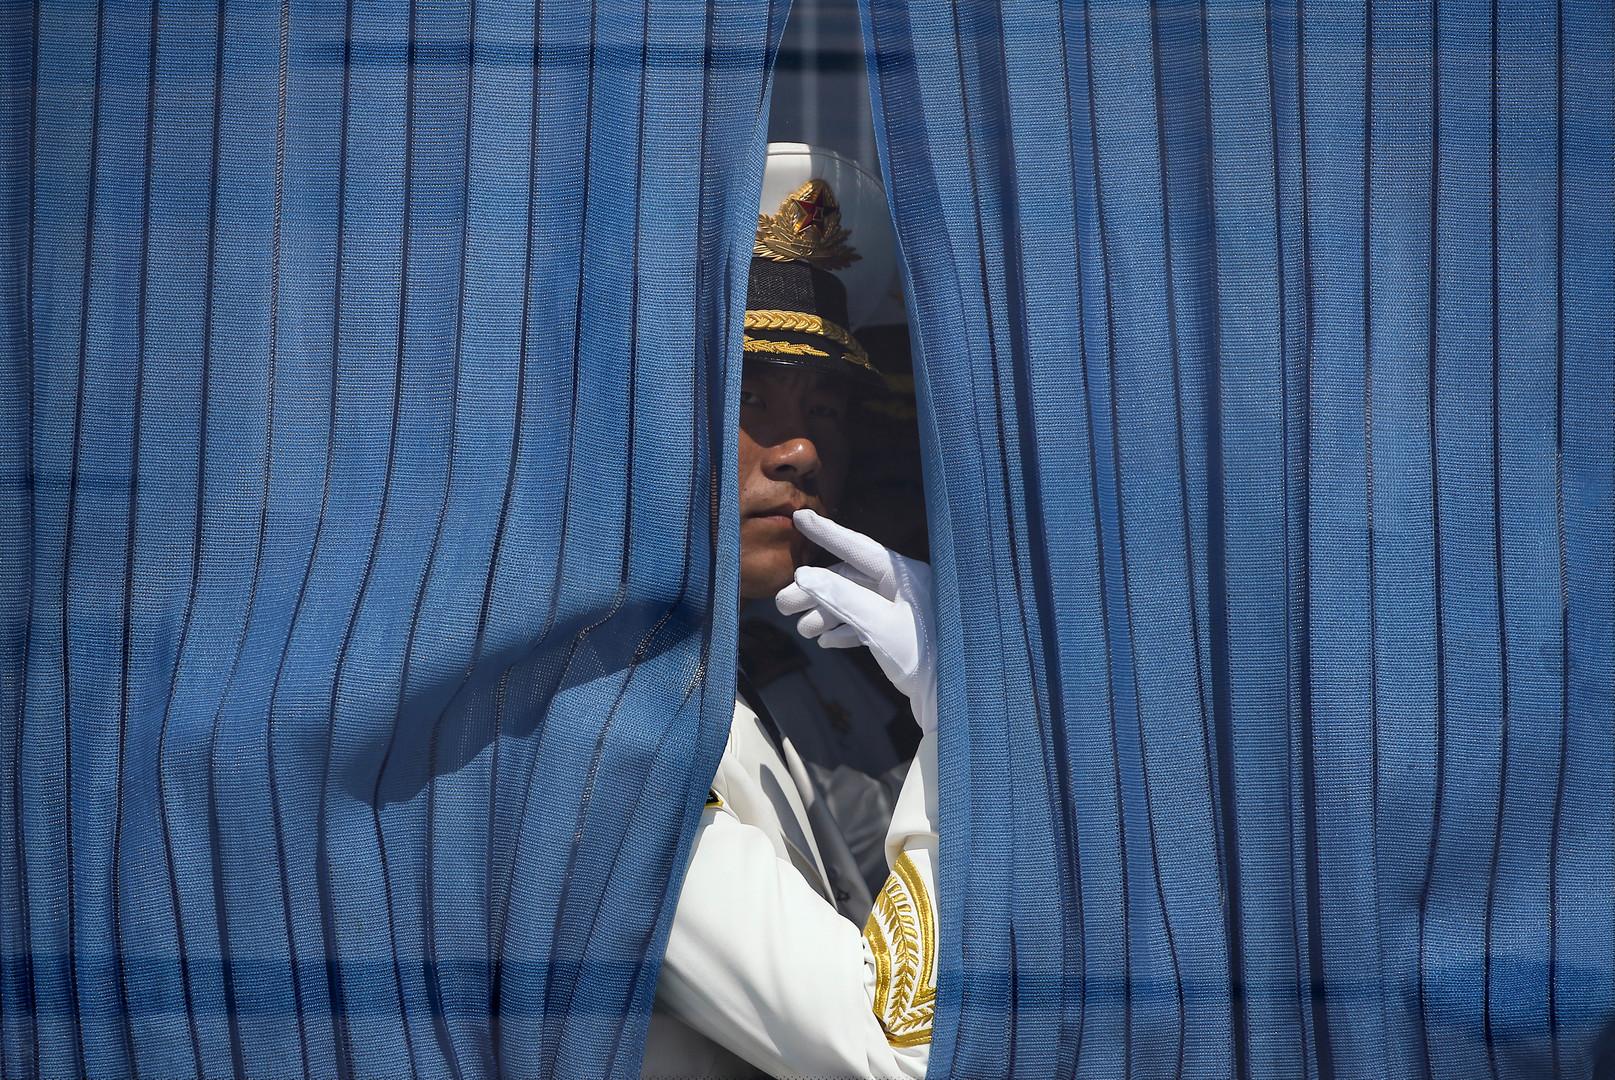 Mitglied der chinesischen Ehrengarde wartet auf die Ankunft des US-Präsidenten, Barack Obama